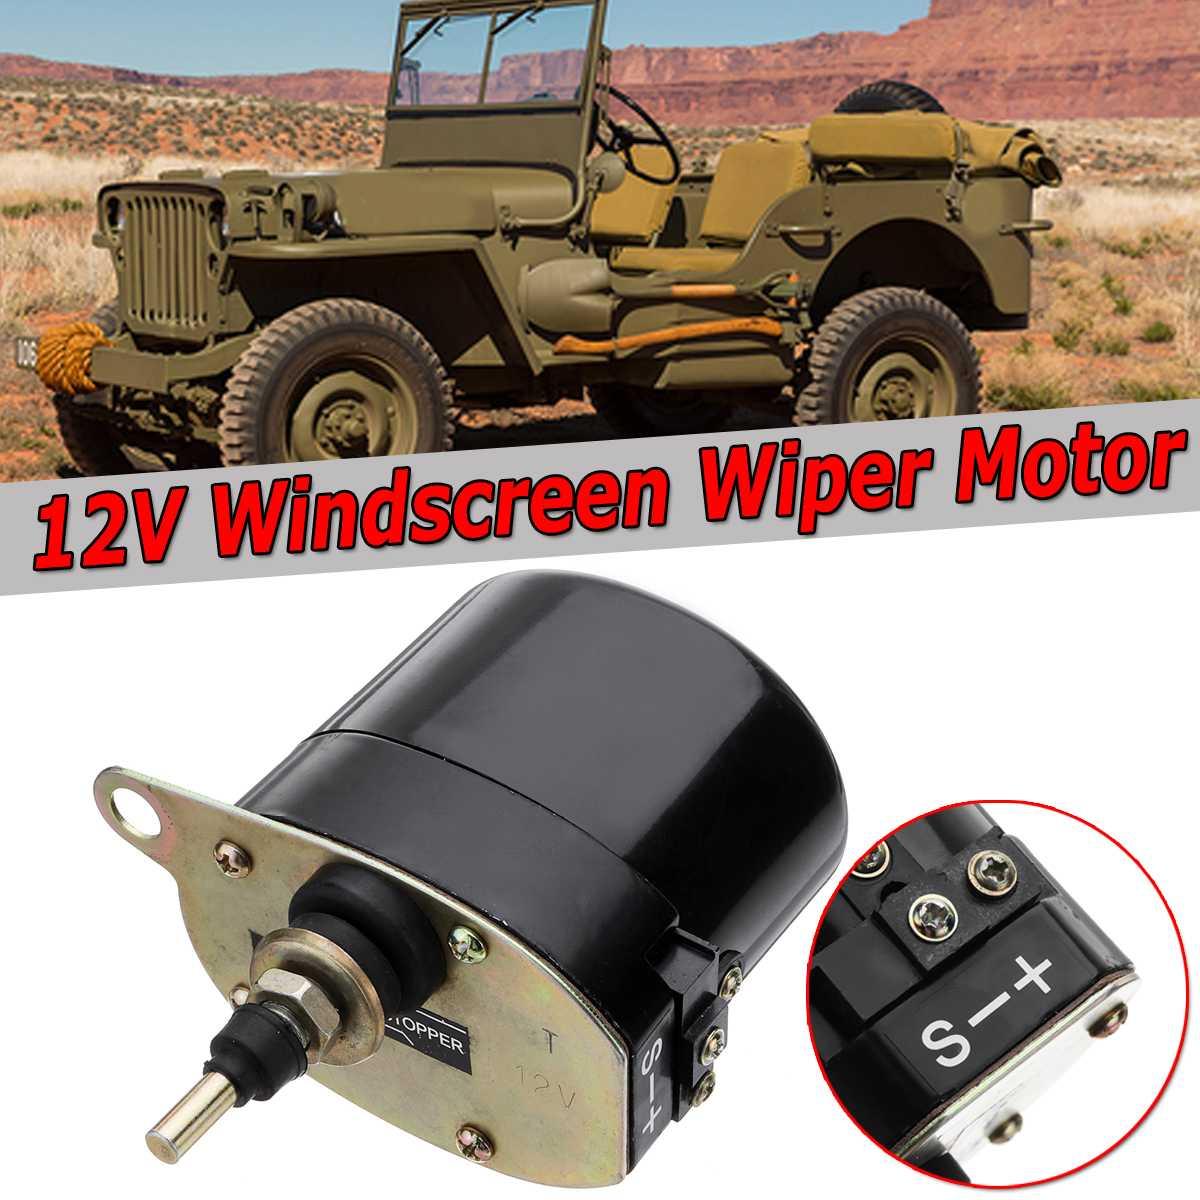 New Universal 12 v Pare-Brise De Voiture D'essuie-Glace Moteur Pour Willys Pour Jeep Tracteur RSM 868 01287358 7731000001 0390506510